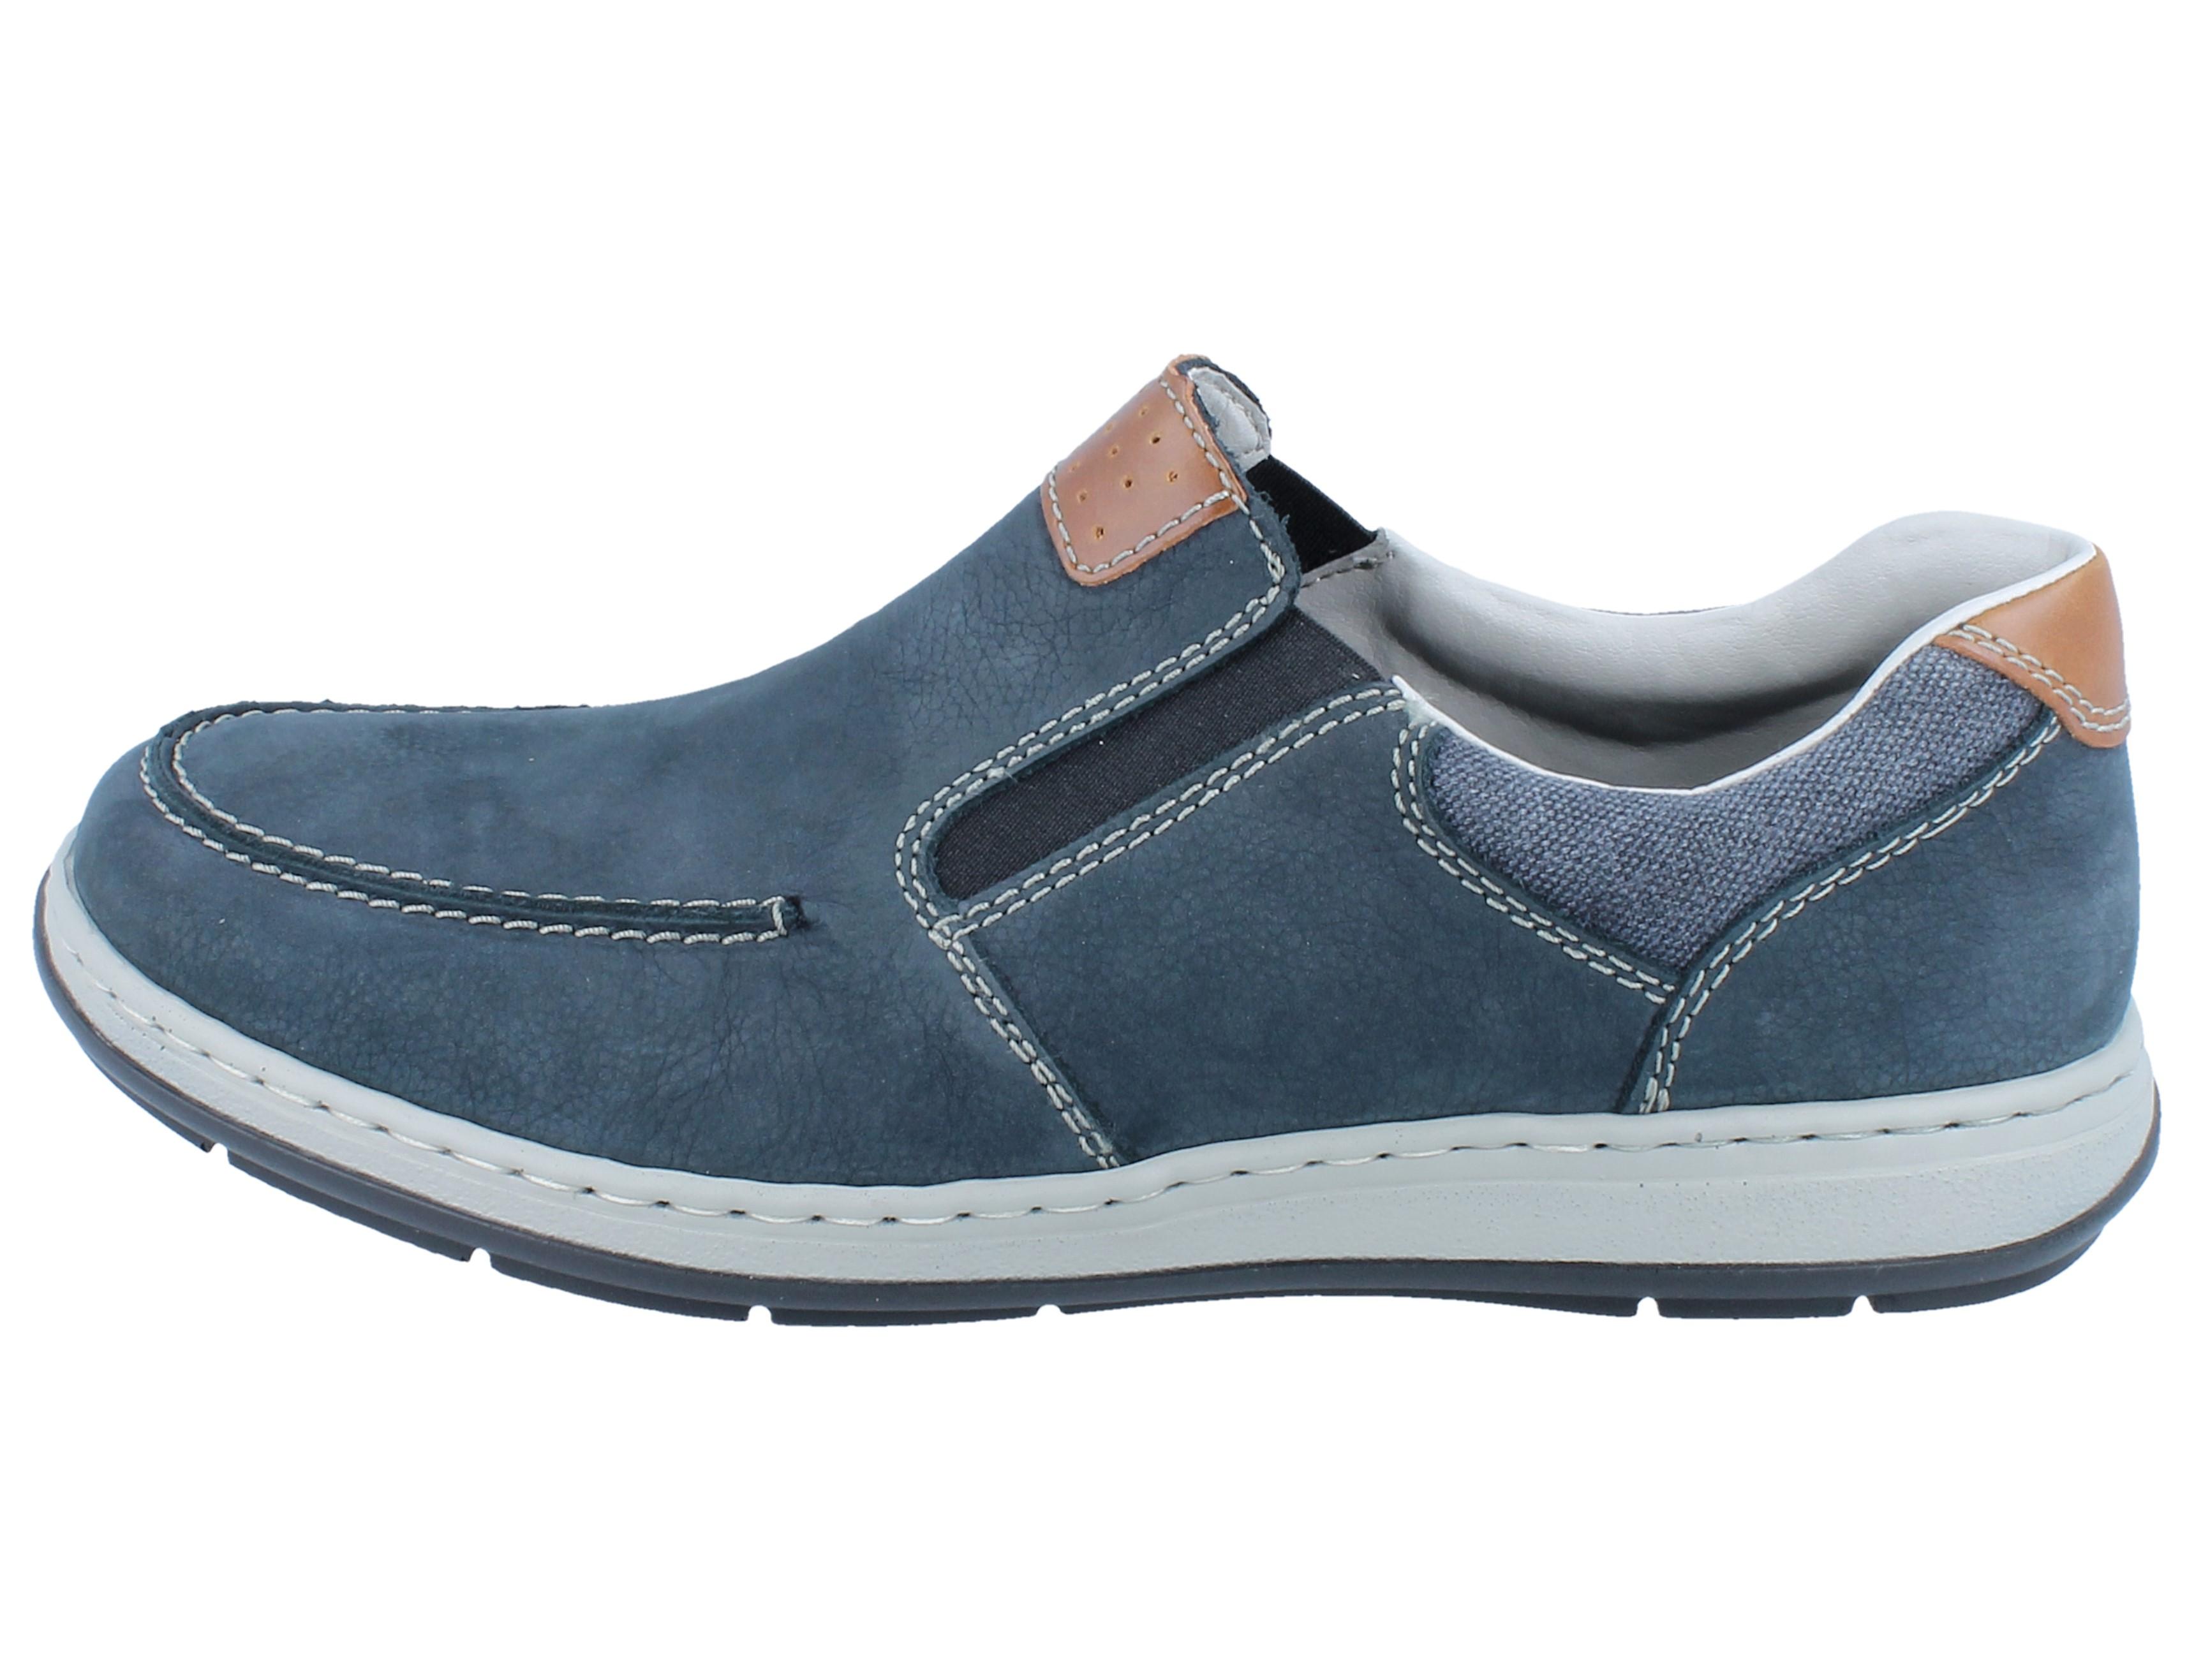 RIEKER 17360 15 Sneaker blau extra Weit | NEUE MODELLE 3kuWc